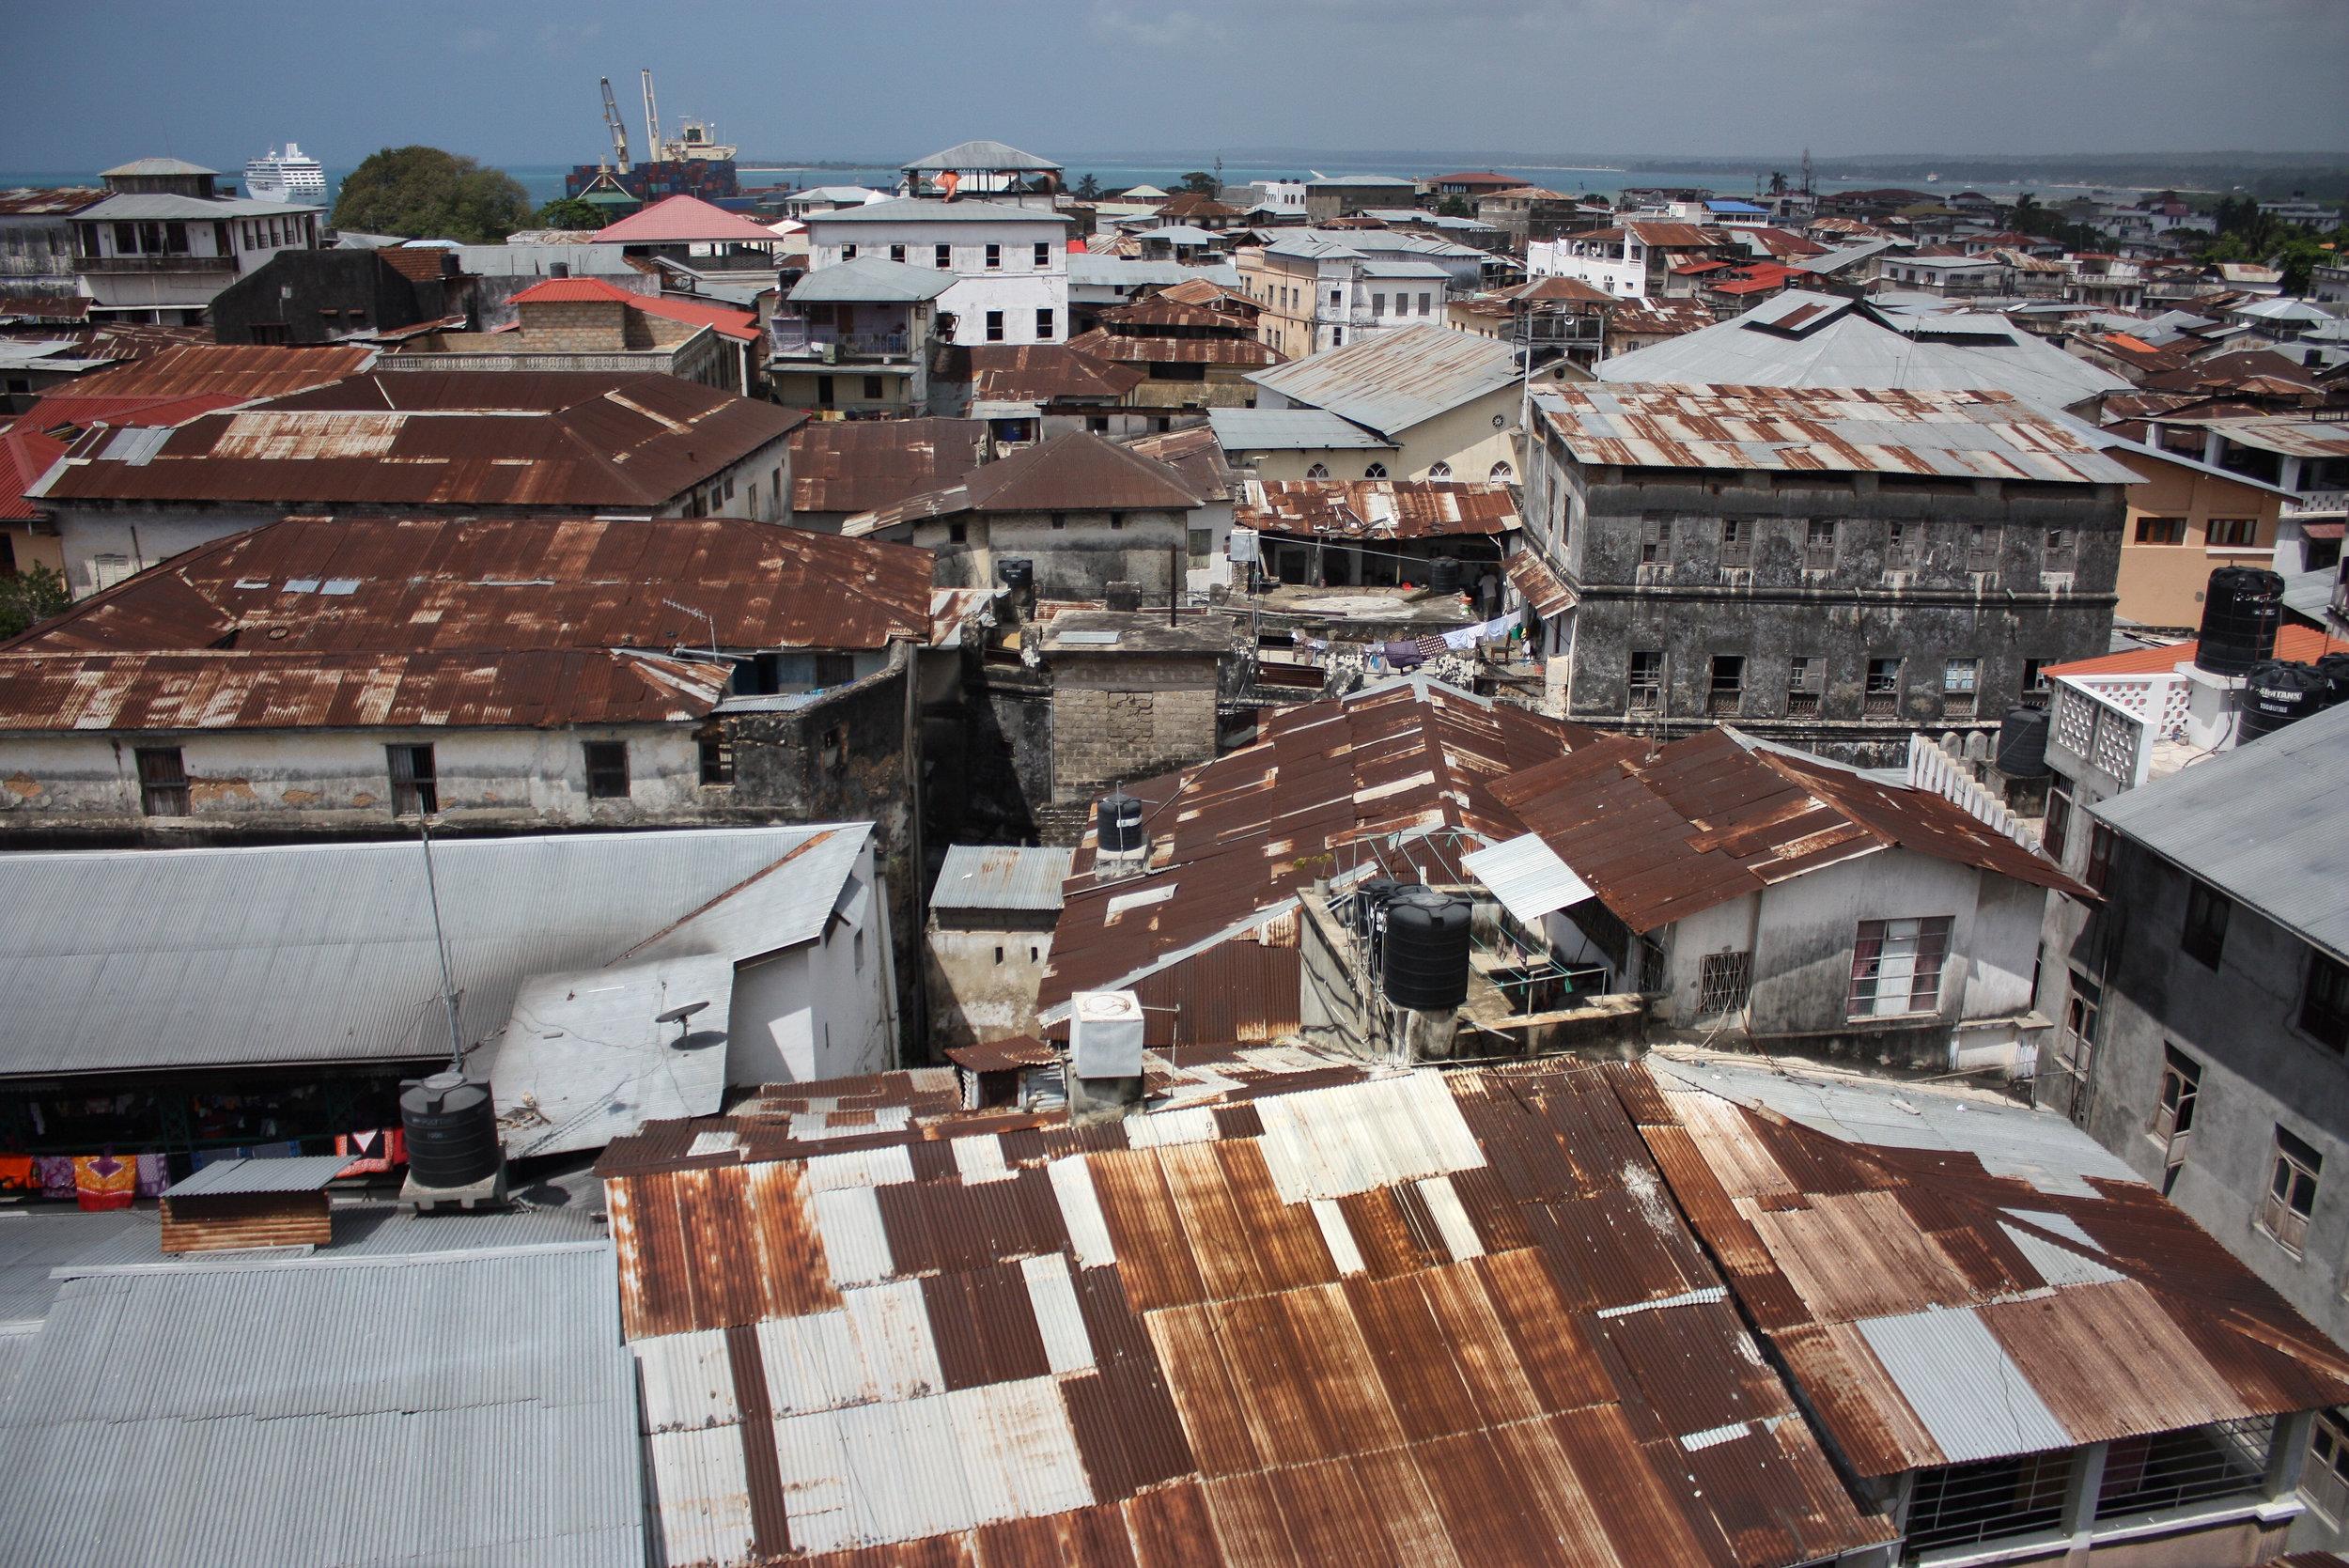 Patchwork Totan. Stone Town, Zanzibar